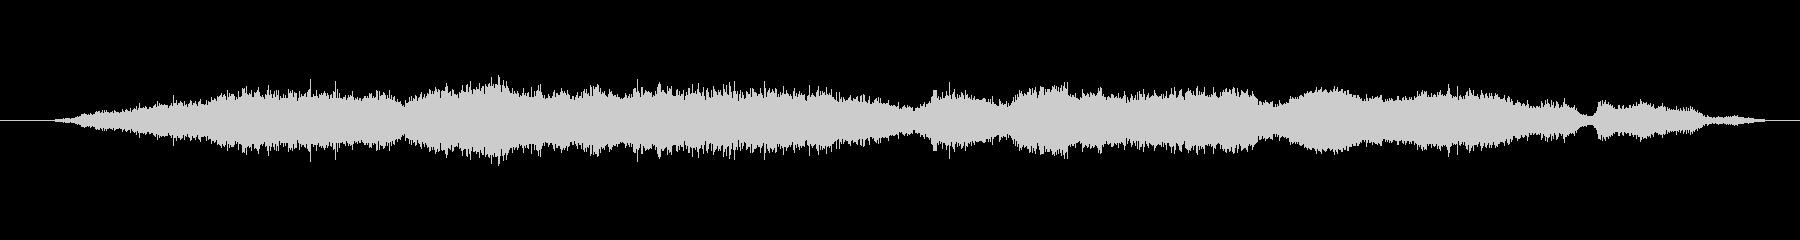 メタル リッドスクリーチ07の未再生の波形